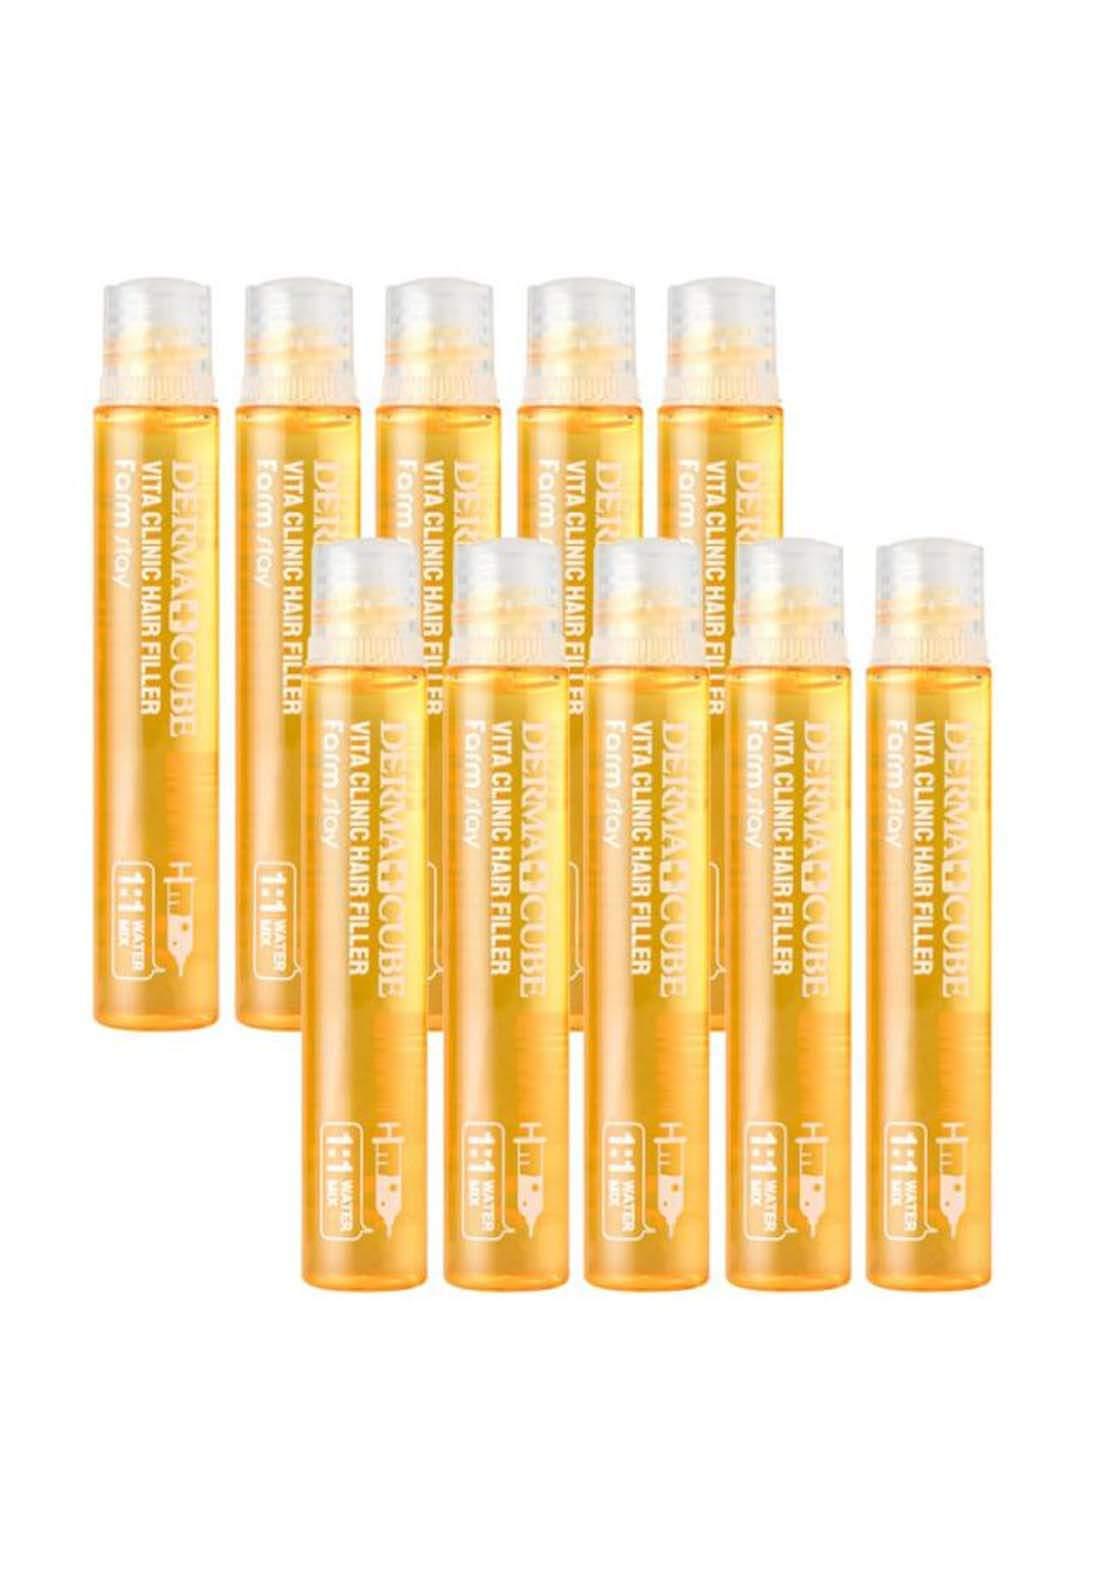 farmstay Dermacube Vita Clinic Hair Filler 10pcs 130ml فيلر للشعر